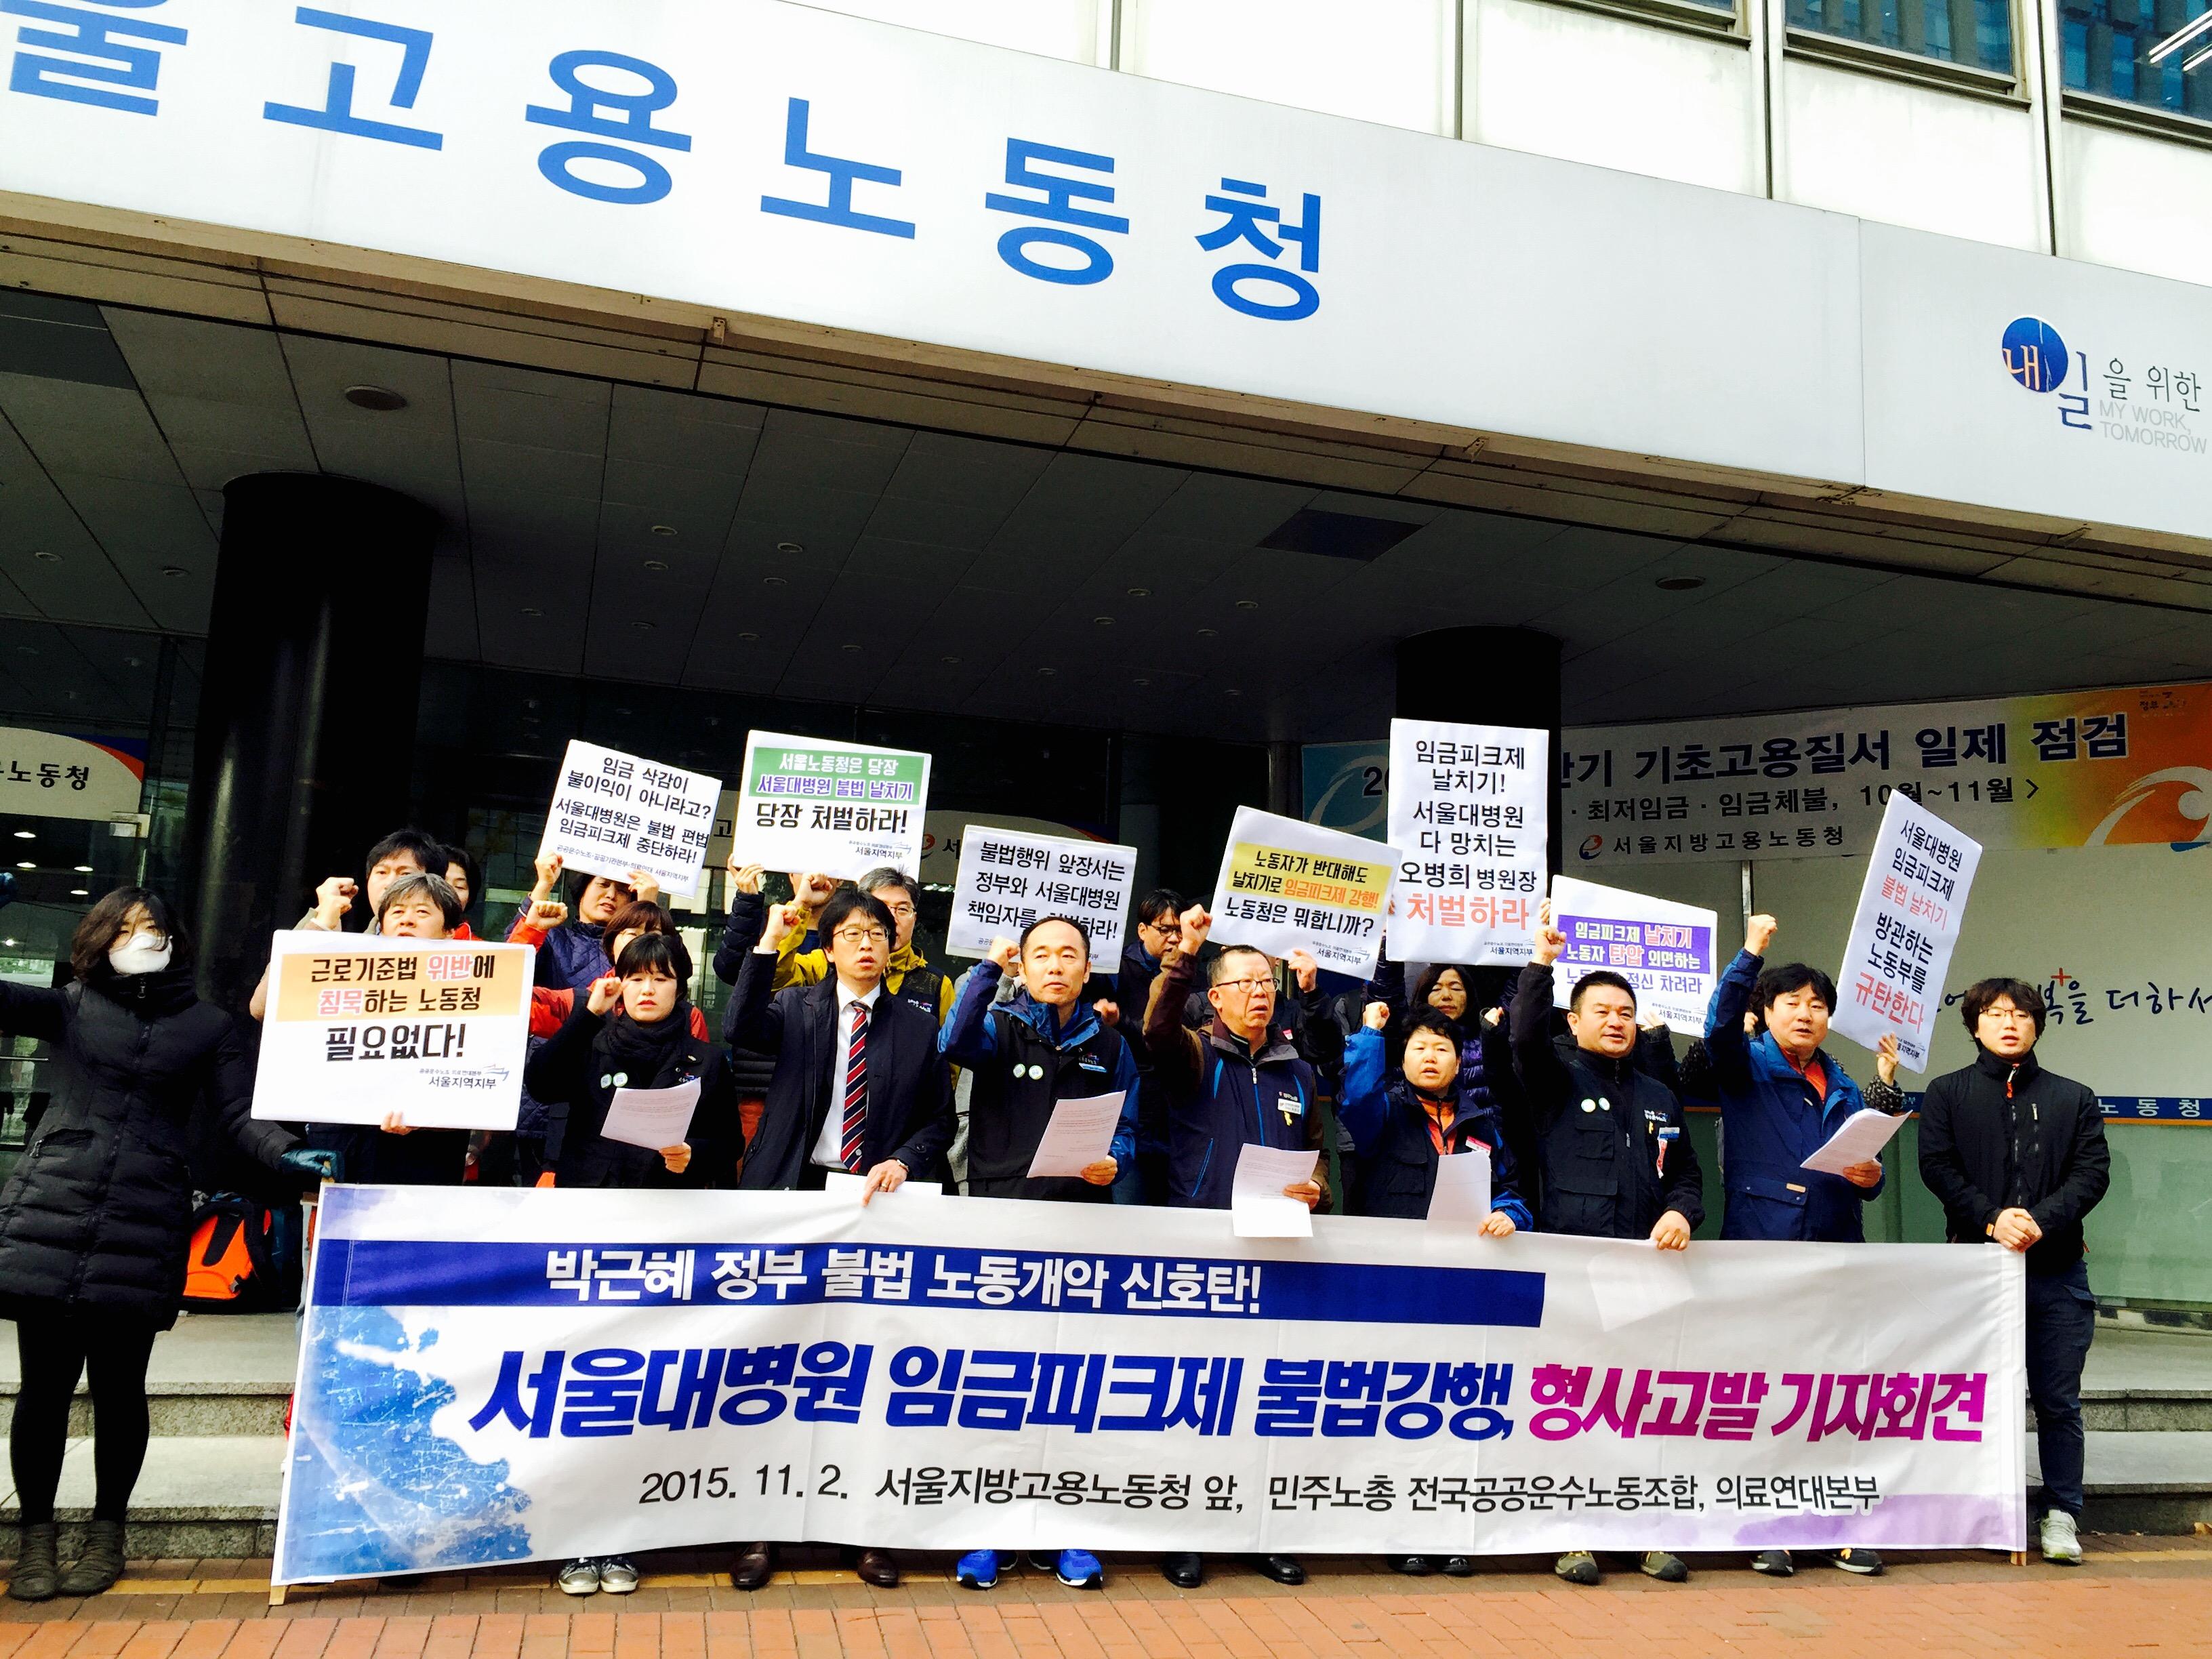 서울대병원노조